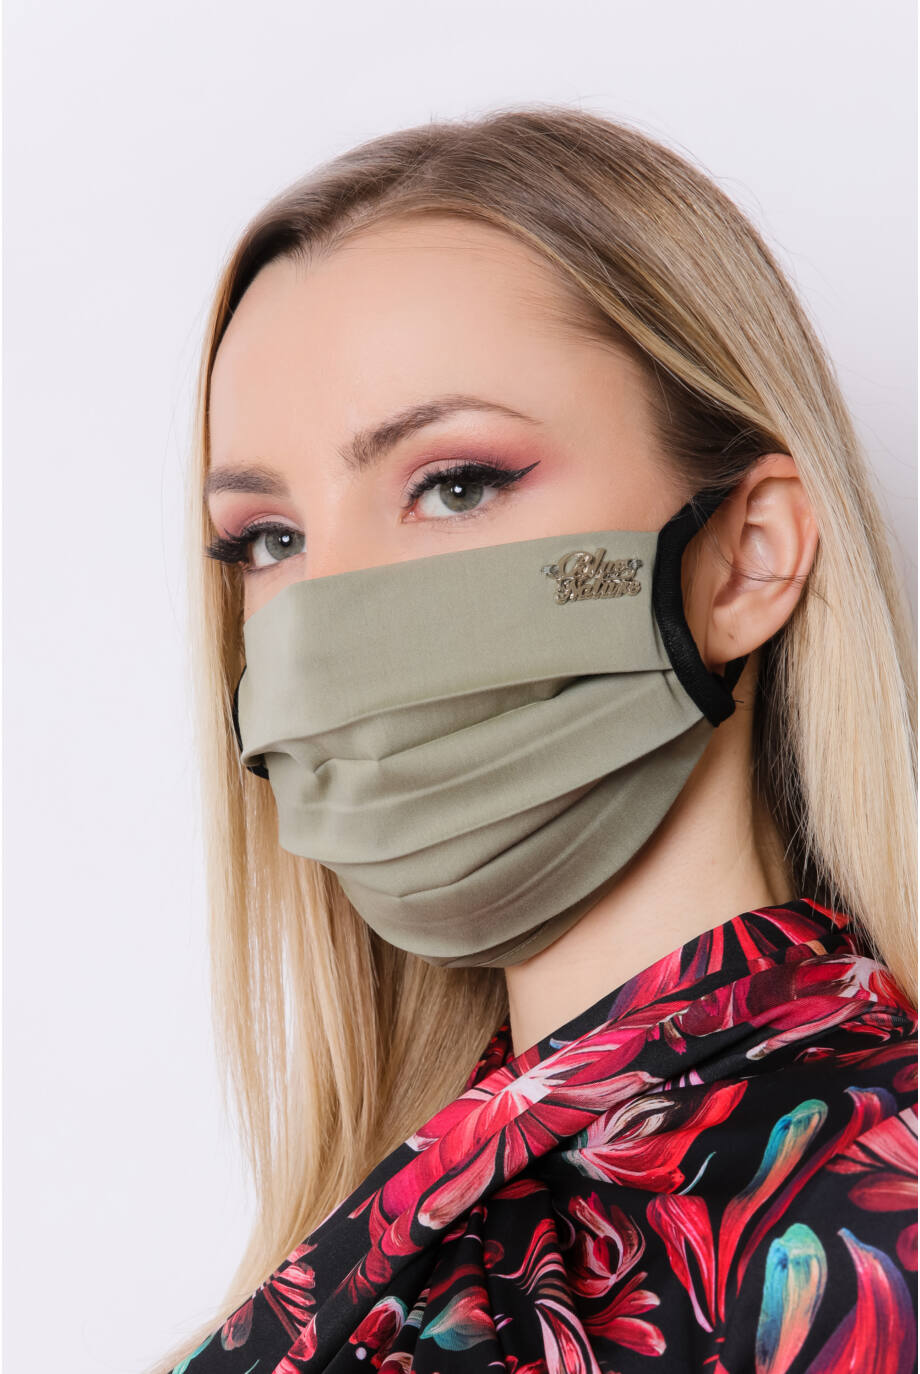 textil_egyszinu_szajmaszk_arcmaszk_vilagos_keki